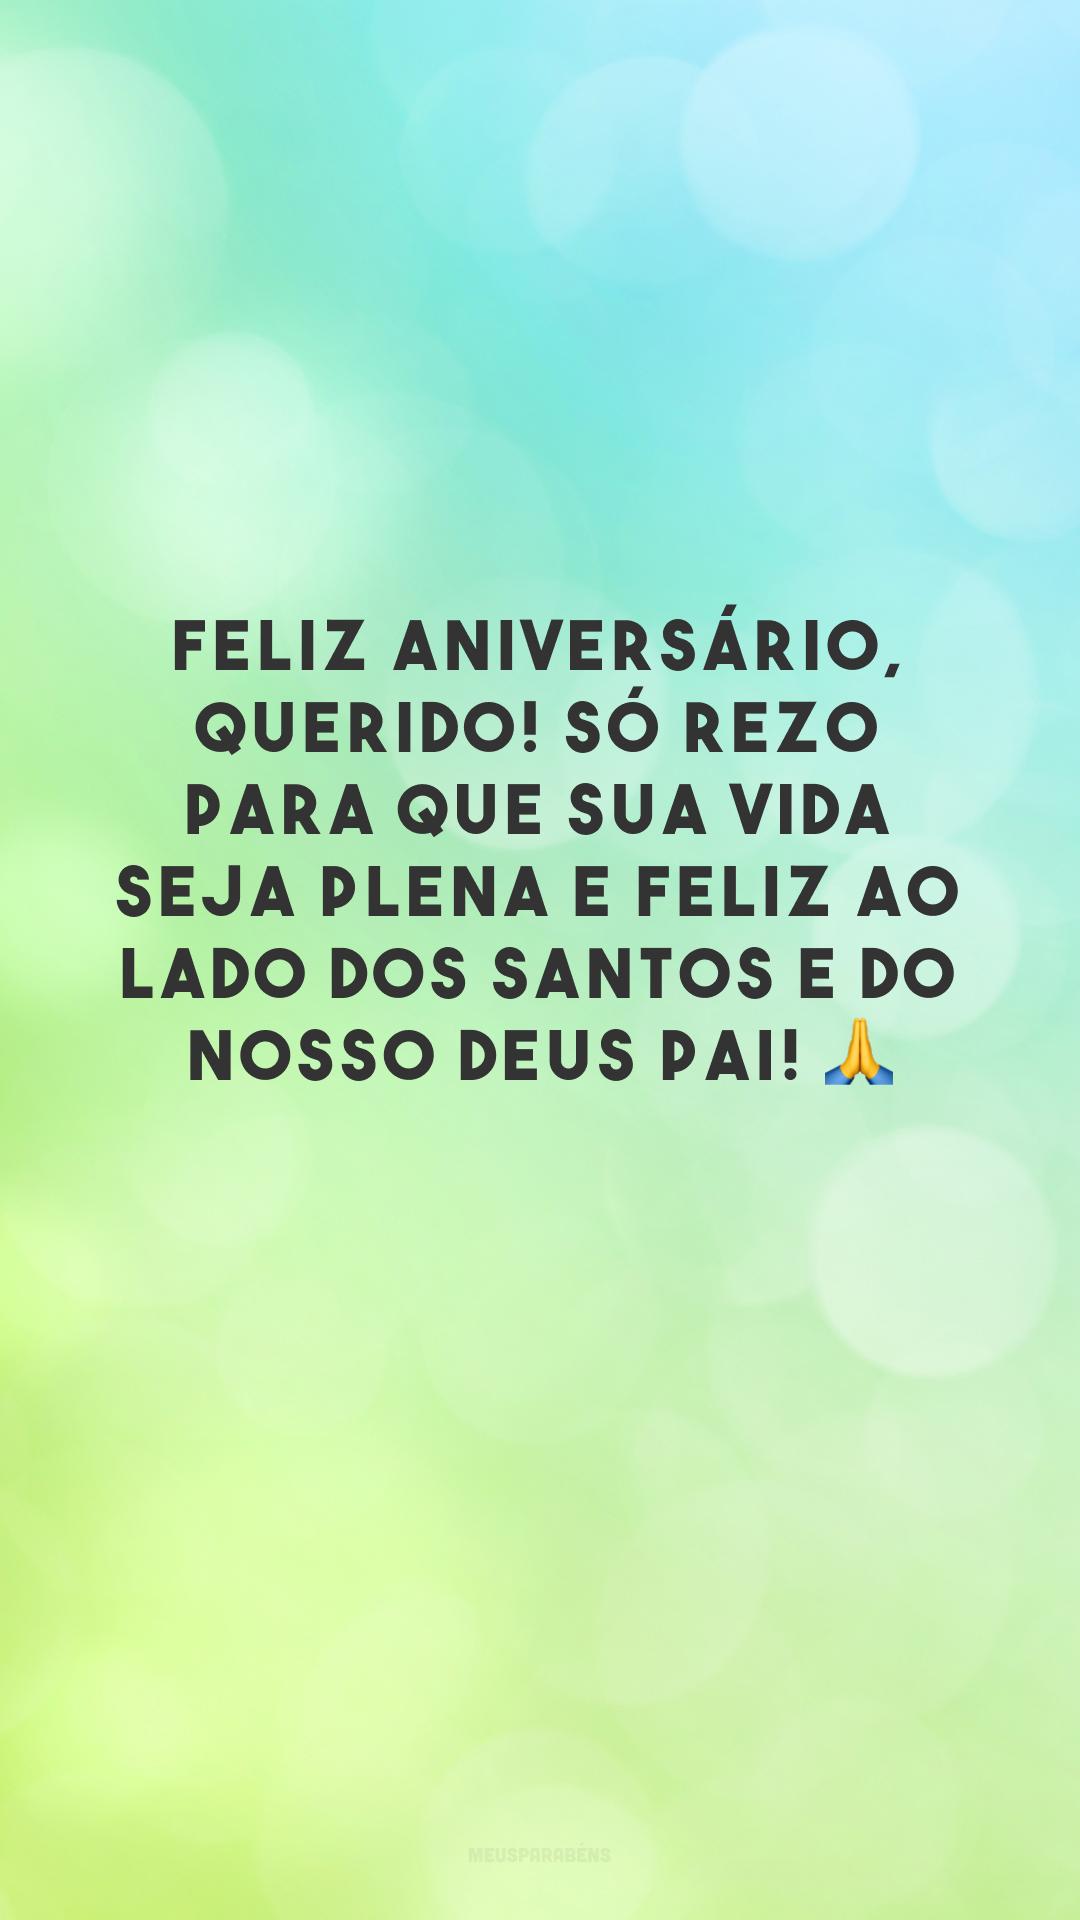 Feliz aniversário, querido! Só rezo para que sua vida seja plena e feliz ao lado dos Santos e do nosso Deus Pai! 🙏